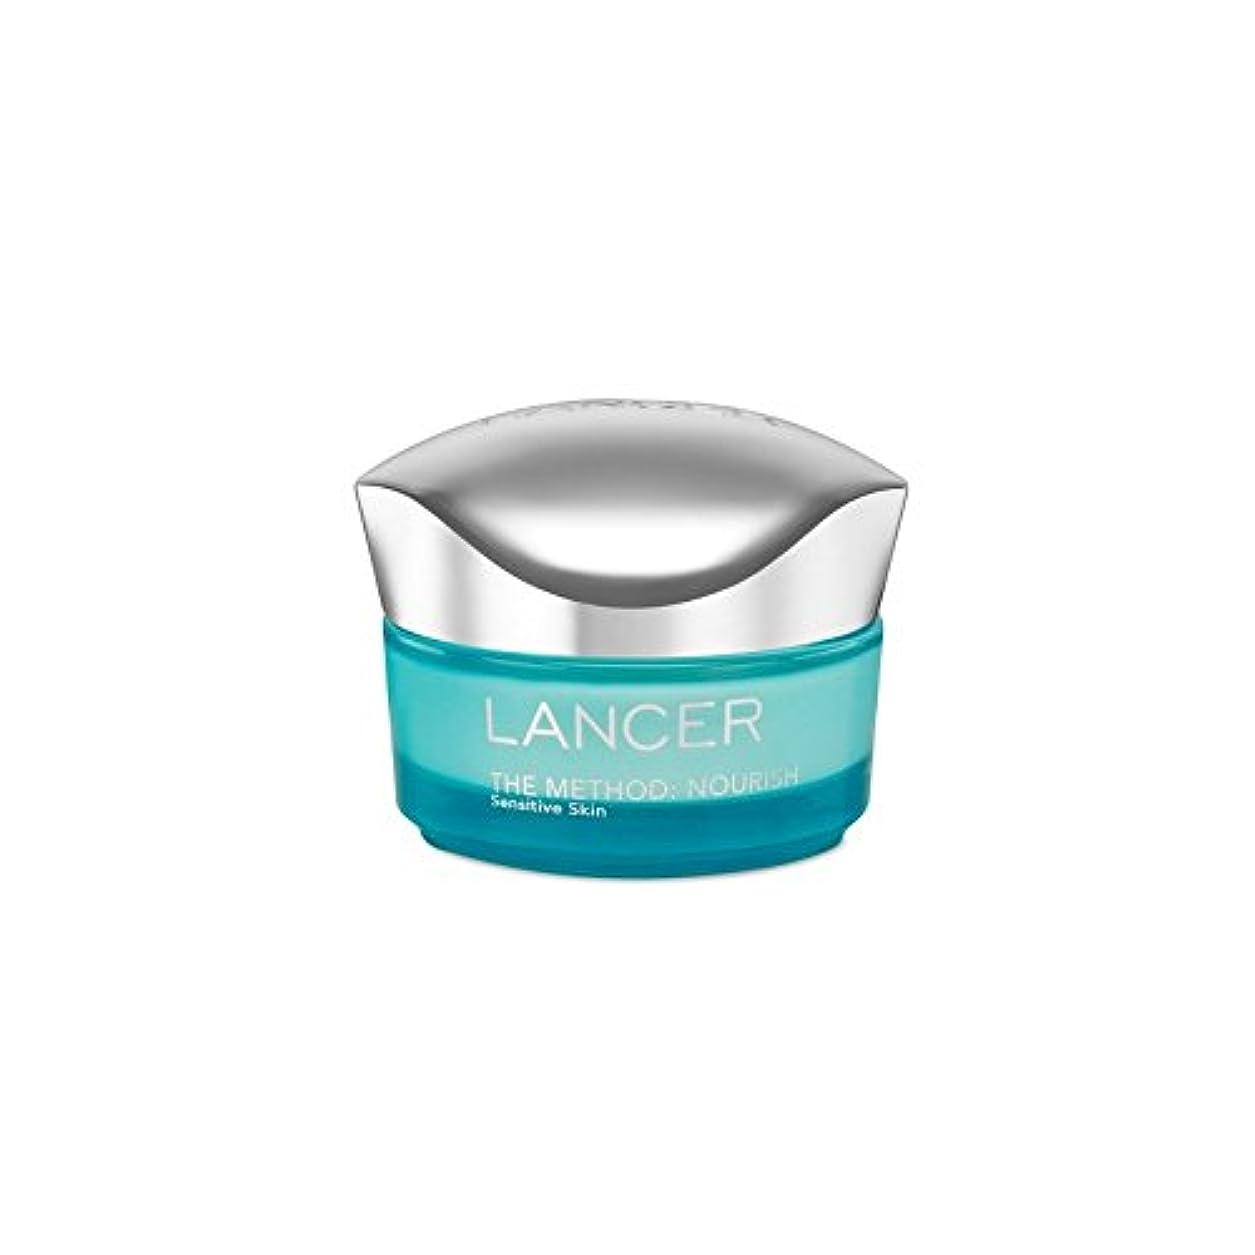 右とティーム名誉あるLancer Skincare The Method: Nourish Moisturiser Sensitive Skin (50ml) - ランサーは、この方法をスキンケア:保湿敏感肌(50)に栄養を与えます [並行輸入品]